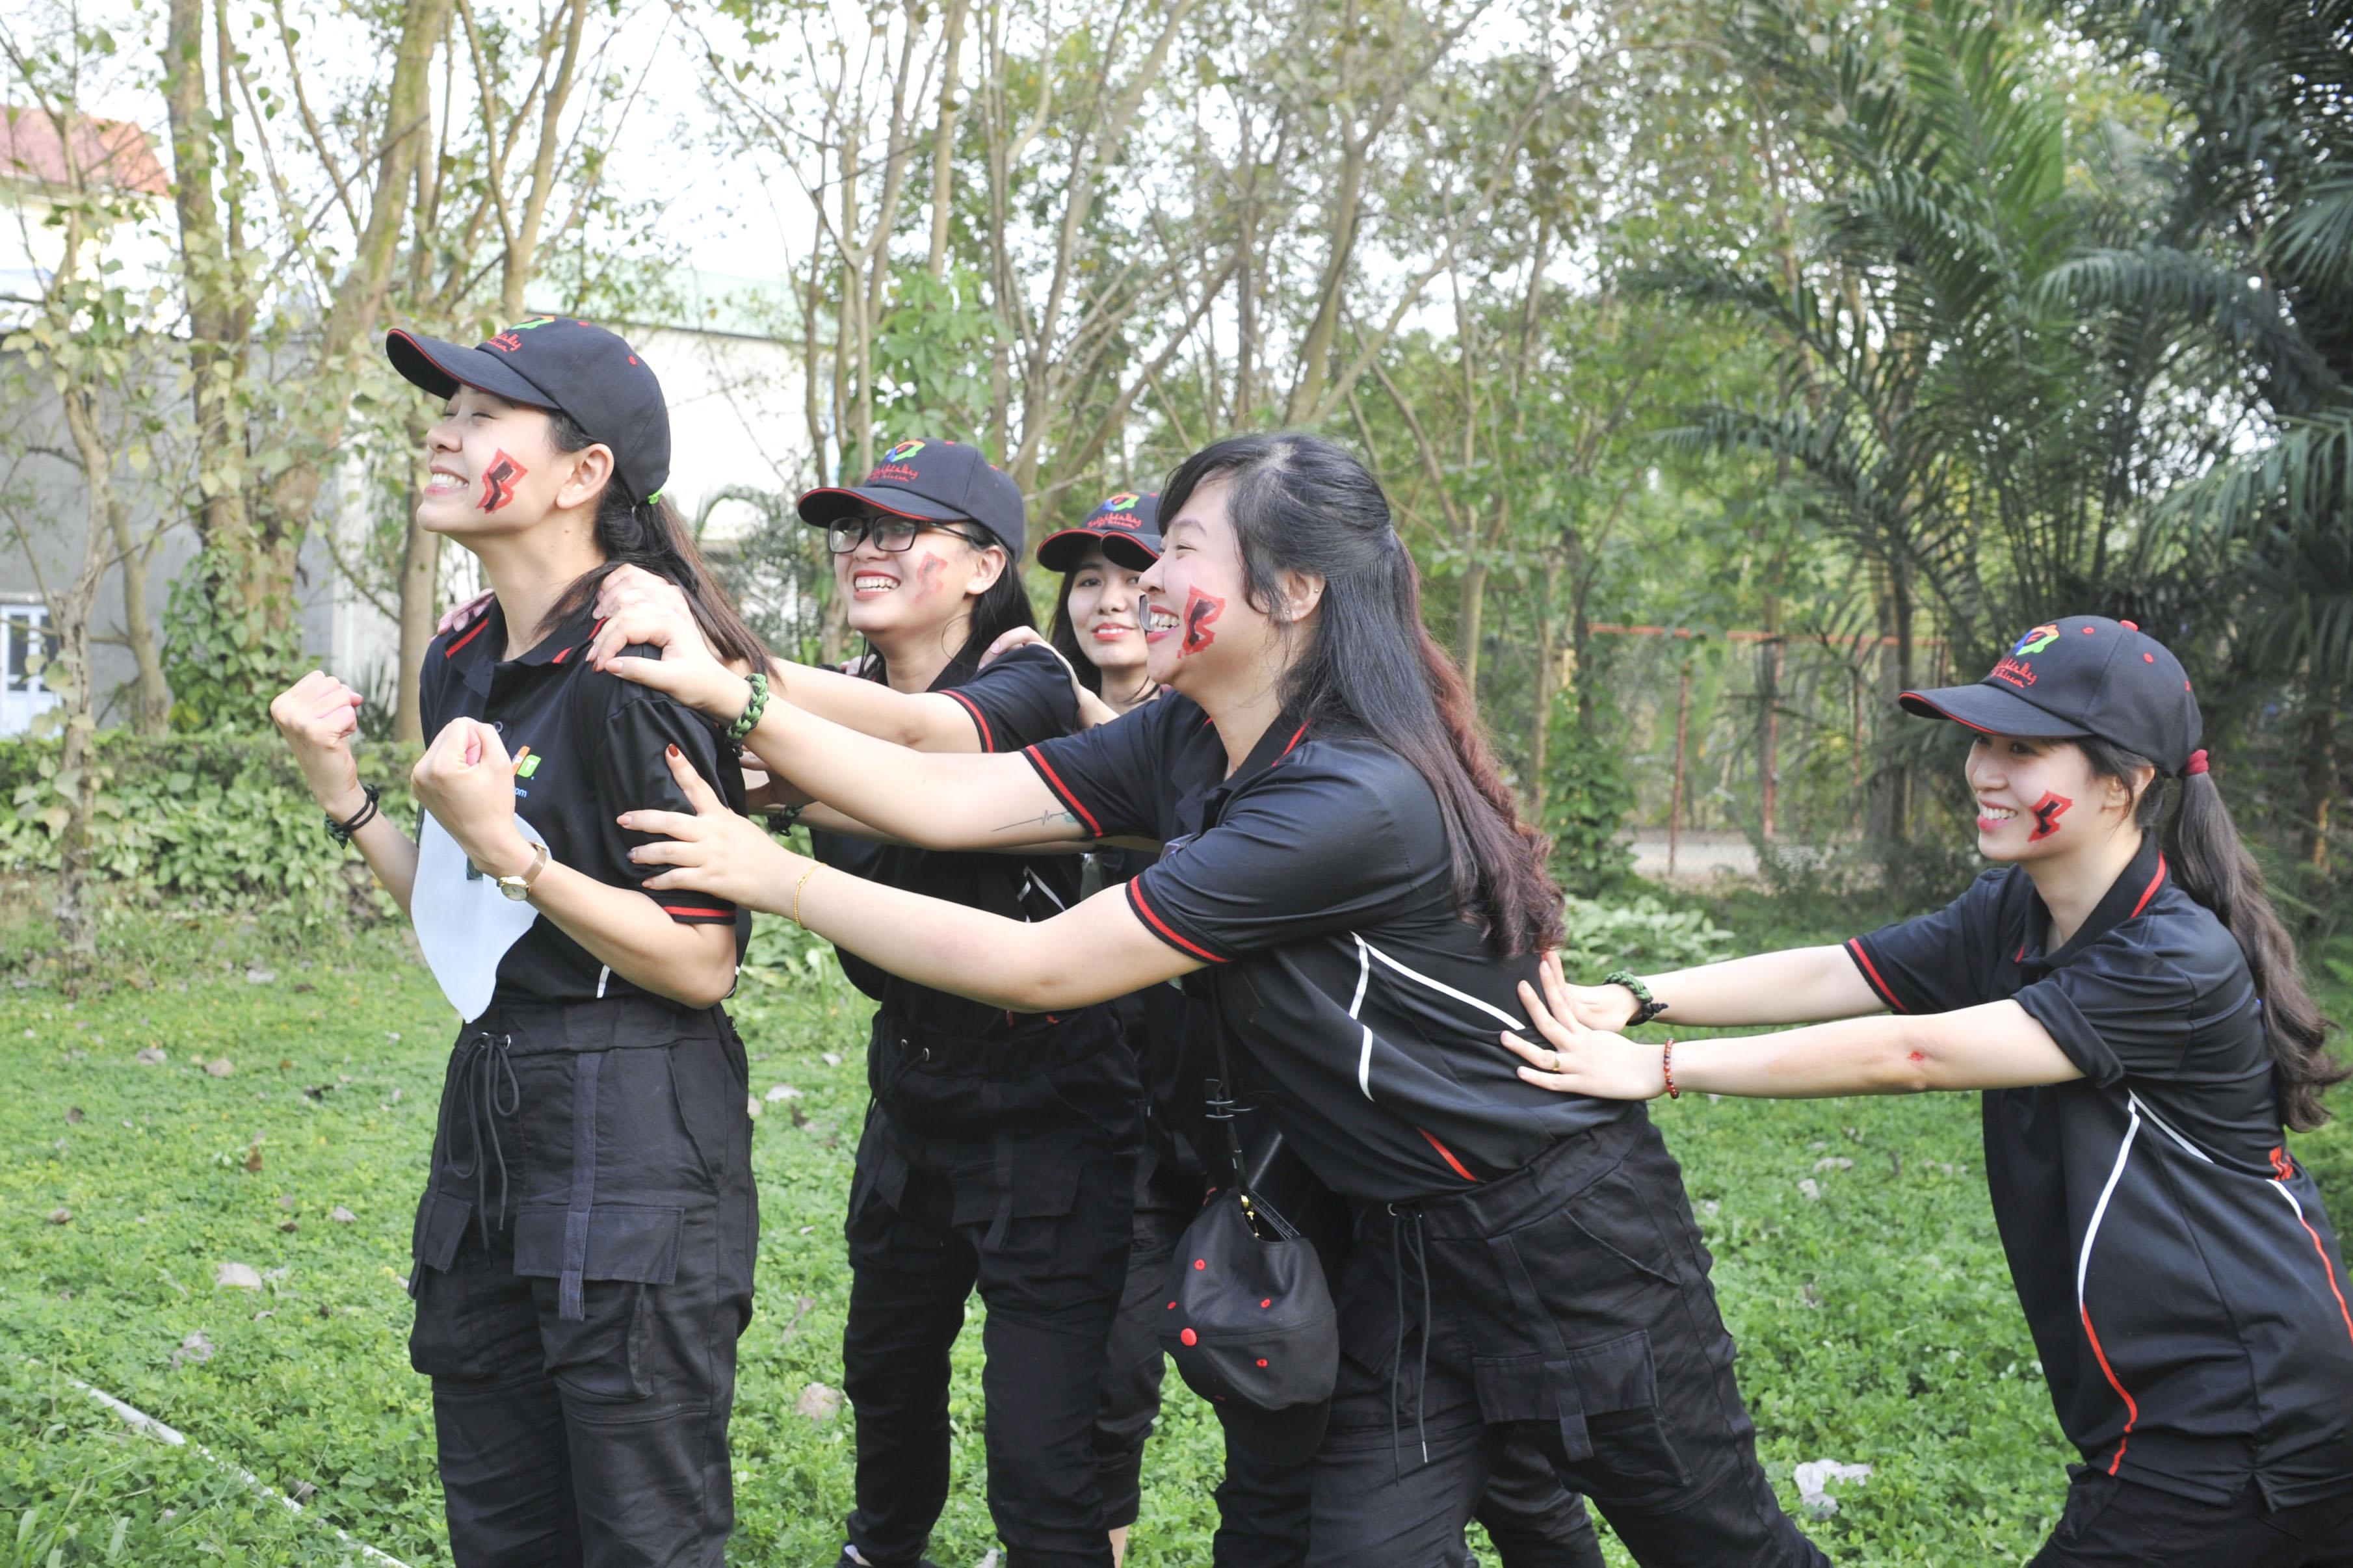 Trong khi đó tiểu đội 2 chỉ còn lại một cô gái duy nhất kiên cường chống đỡ đến cùng. Các thành viên khác đang tận lực truyền nhiệt năng cho đồng đội với hy vọng sống sót đến lúc nào hay lúc đó.